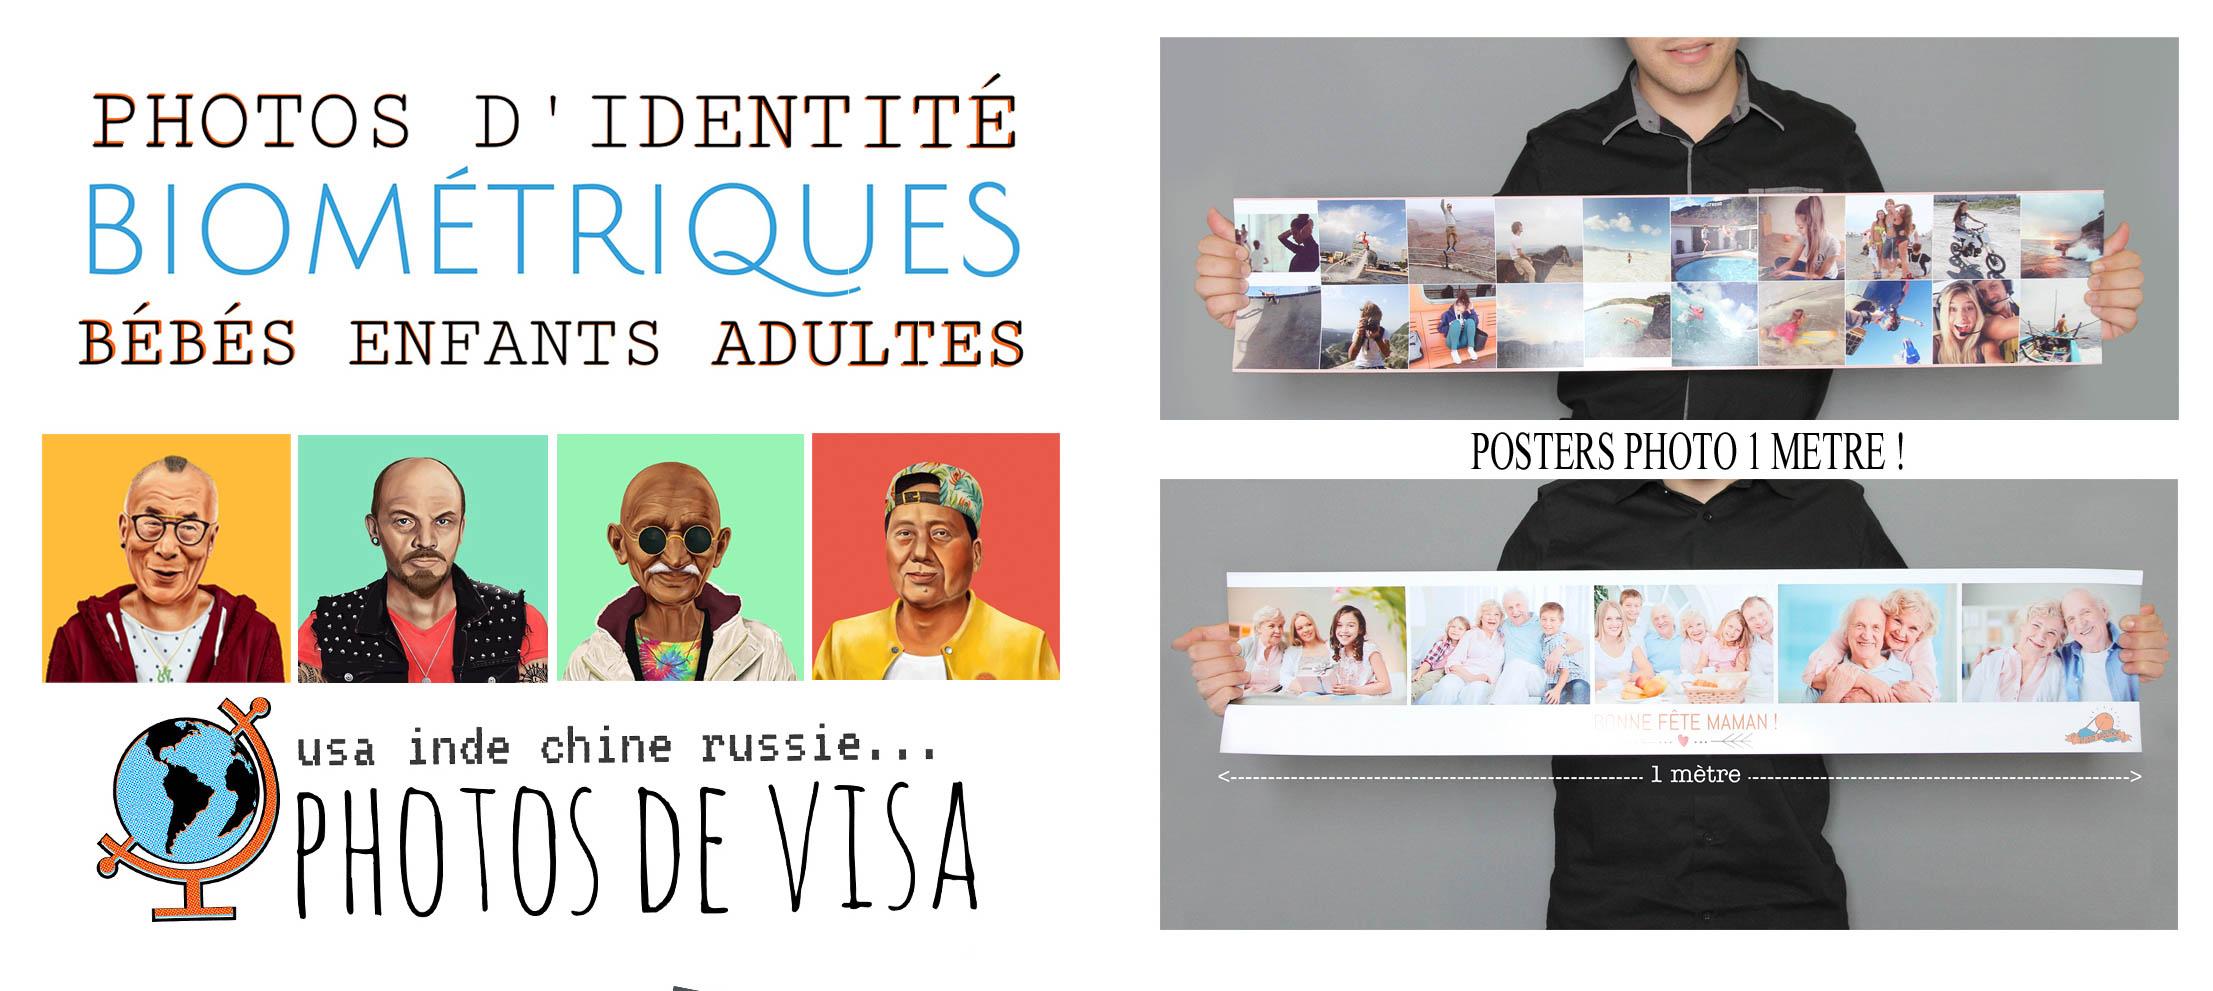 visa-photos.jpg